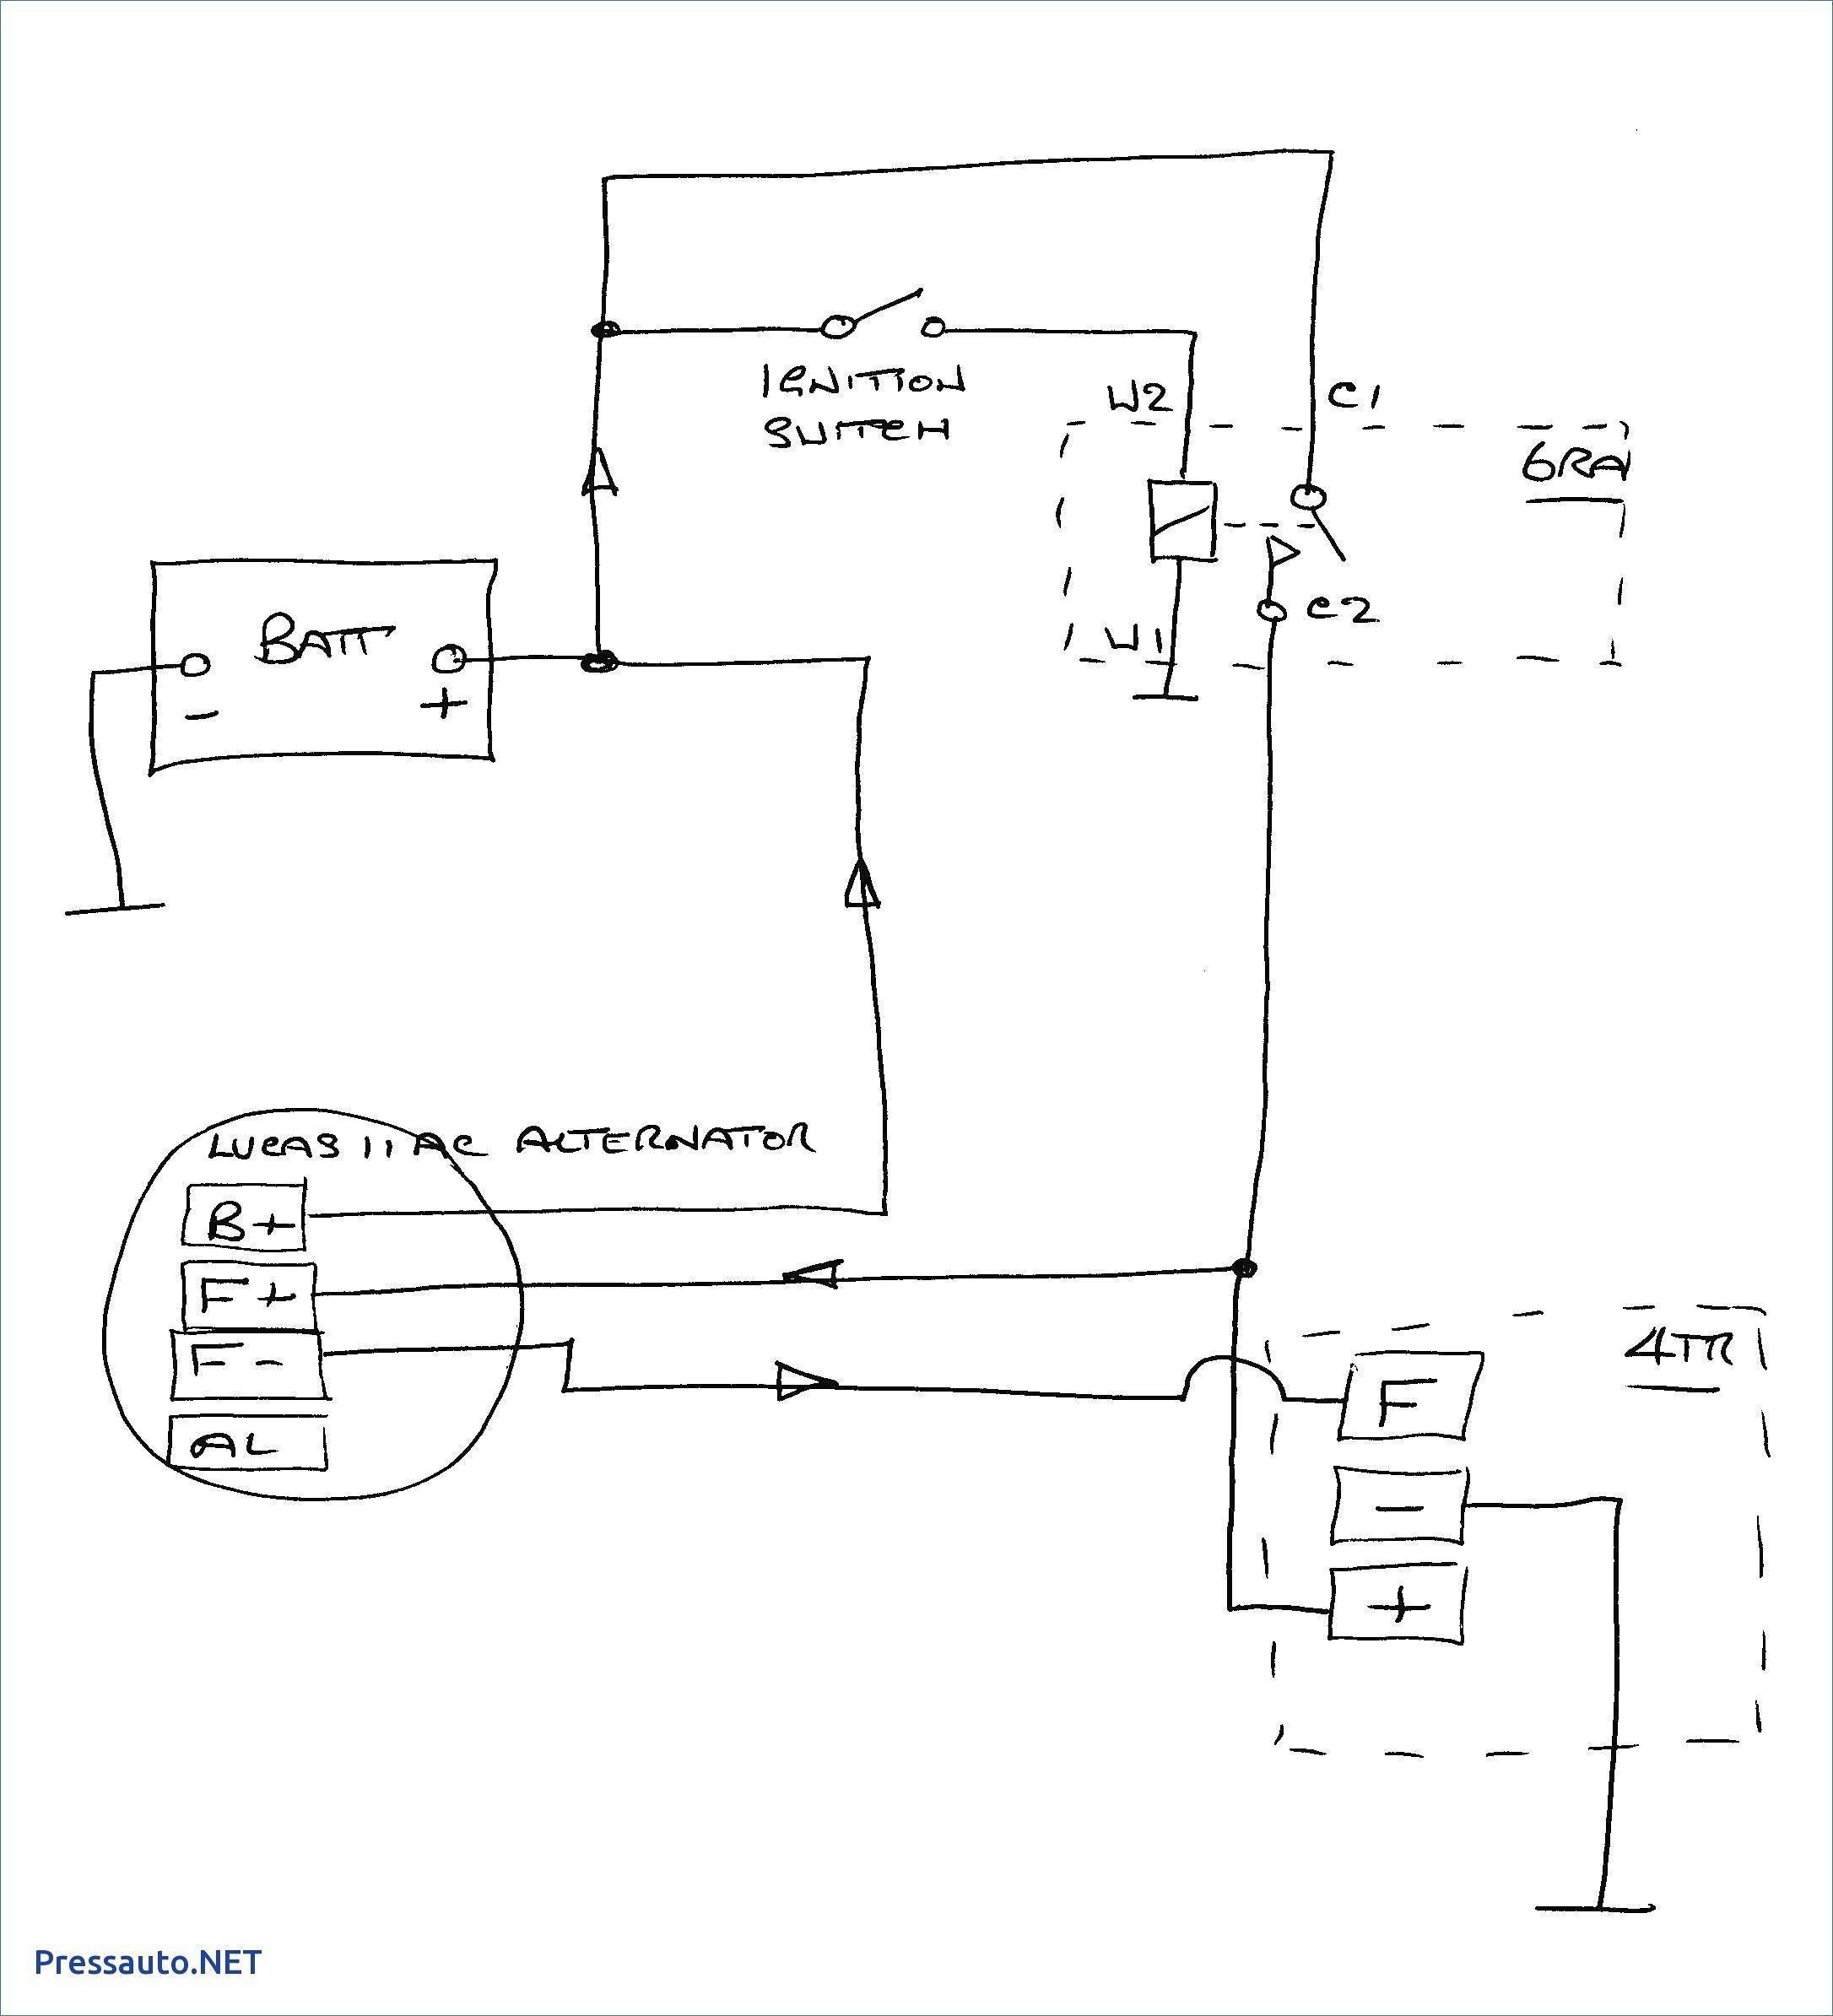 Unique Marelli Generator Wiring Diagram Diagram Diagramsample Diagramtemplate Wiringdiagram Diagramchart Alternator Voltage Regulator Electrical Diagram